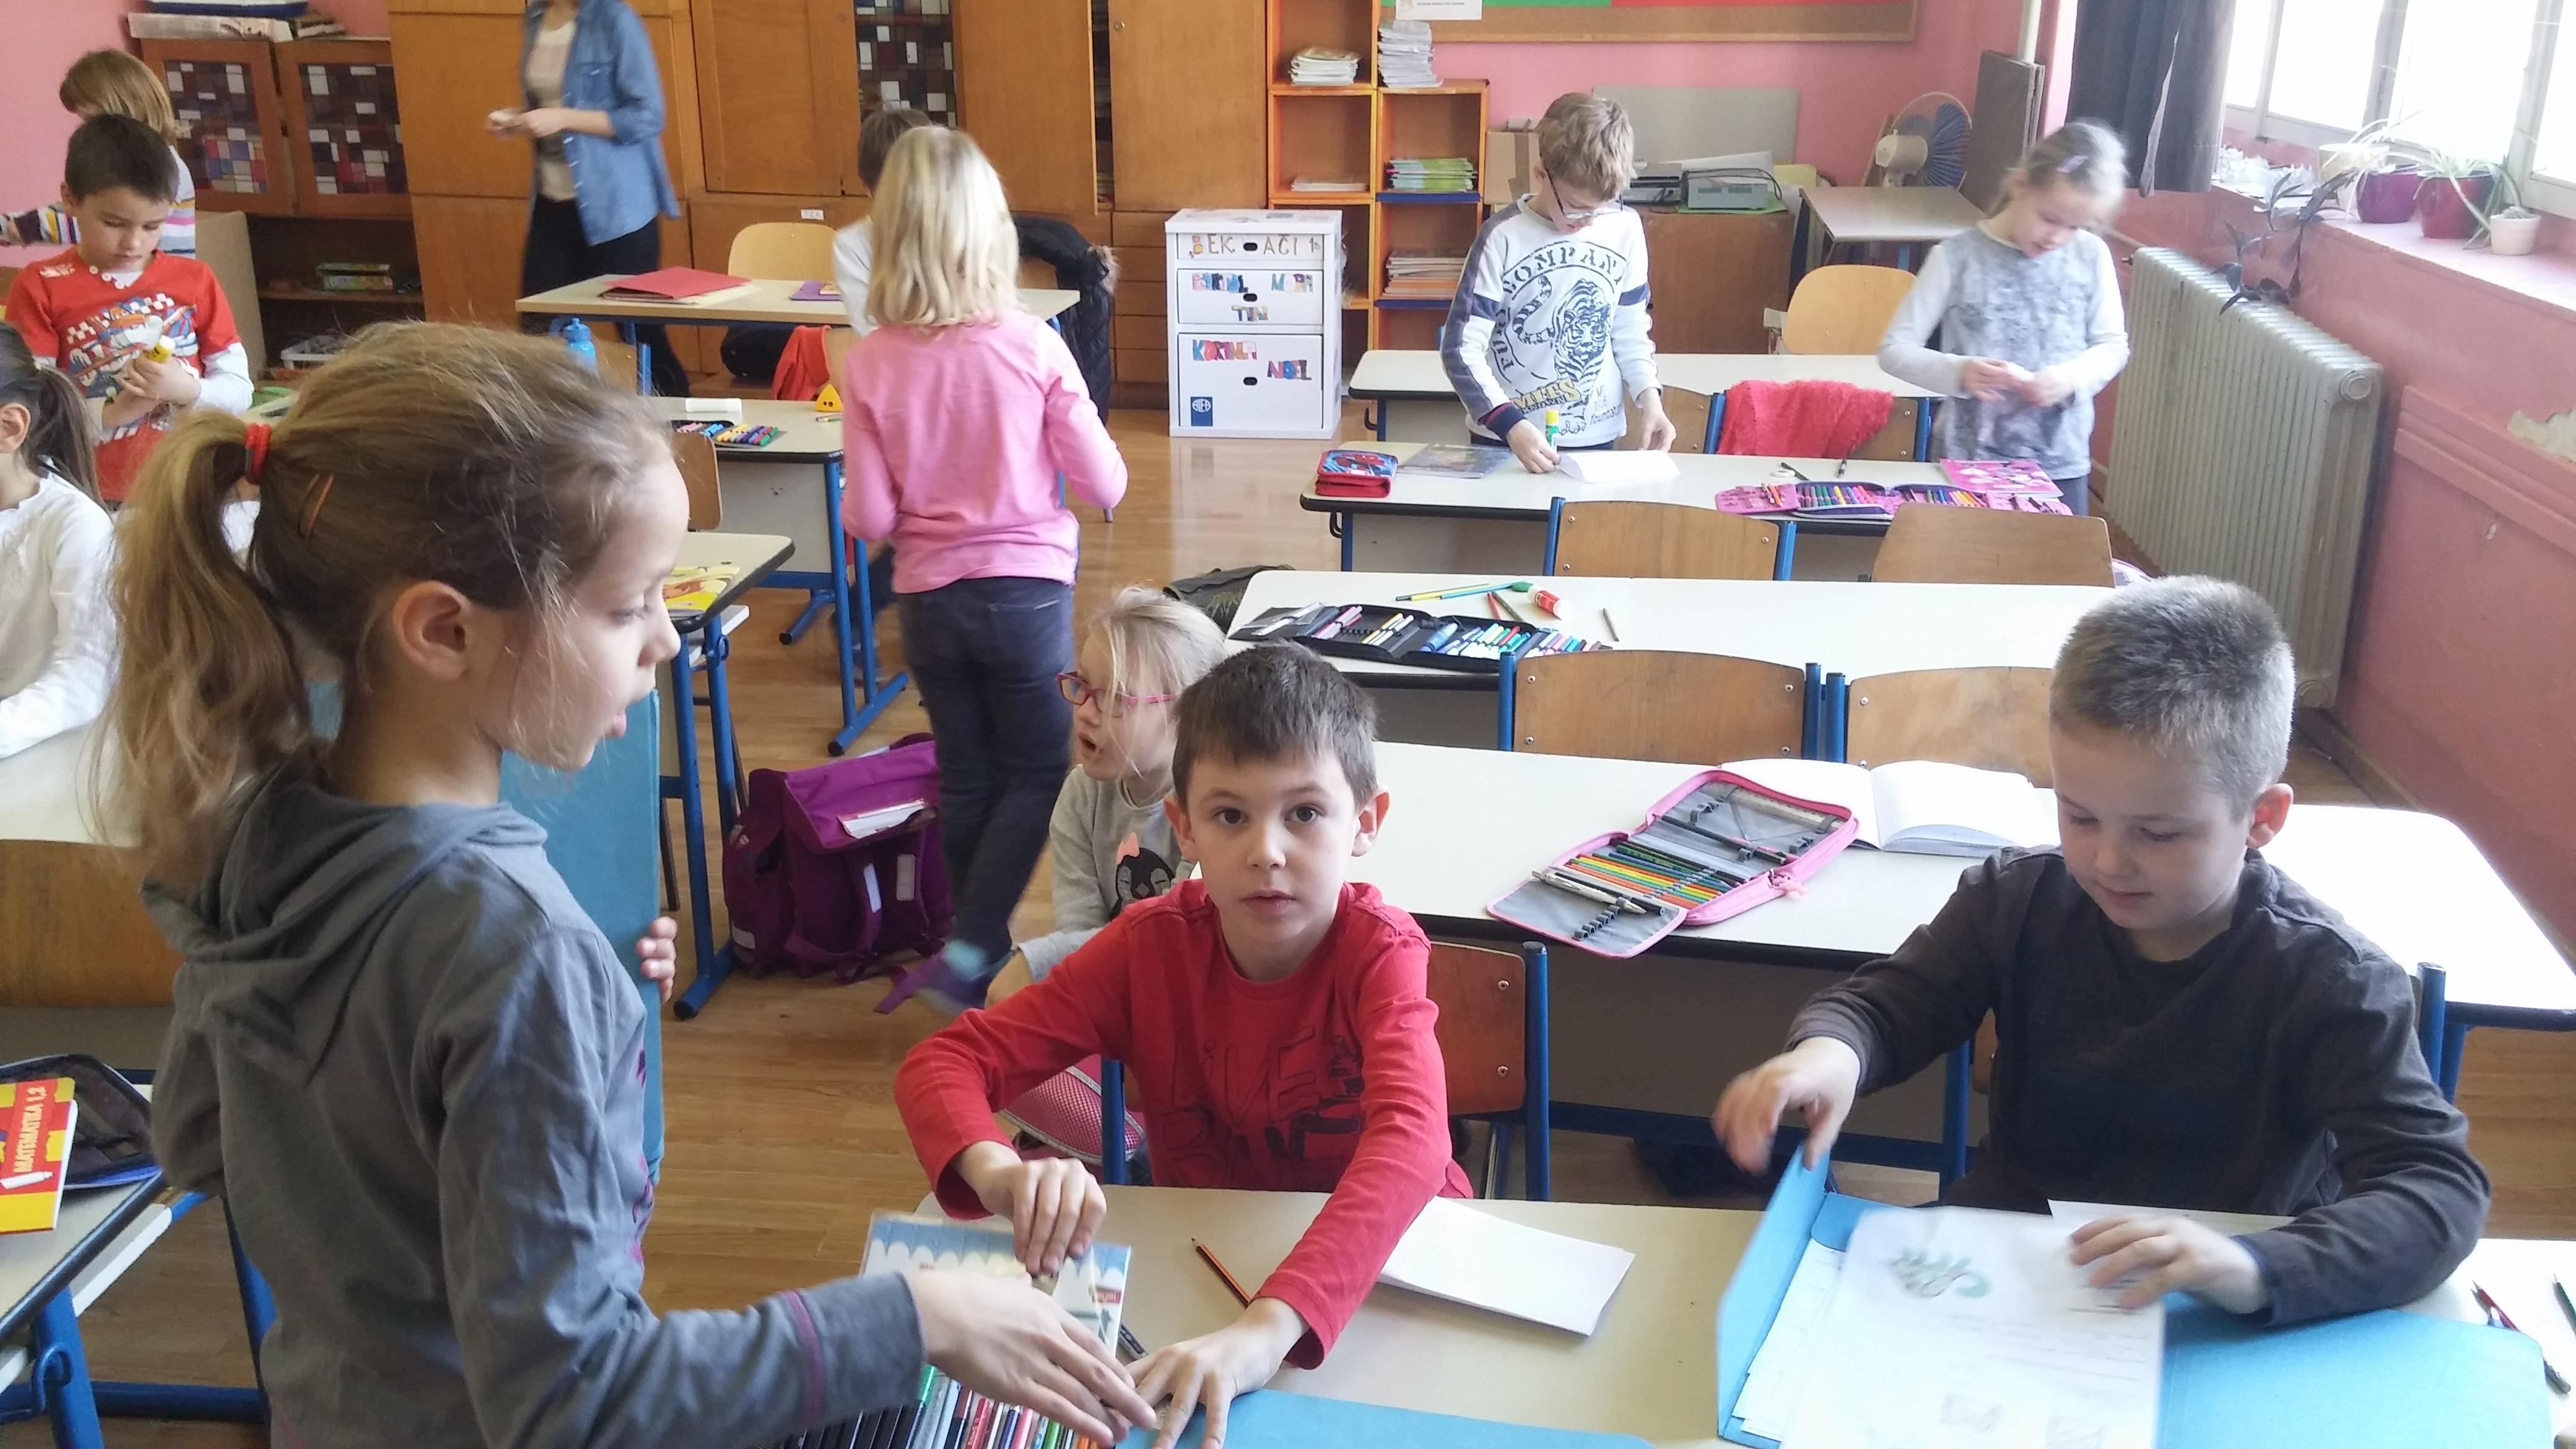 Muški učitelji upoznavanje učenika